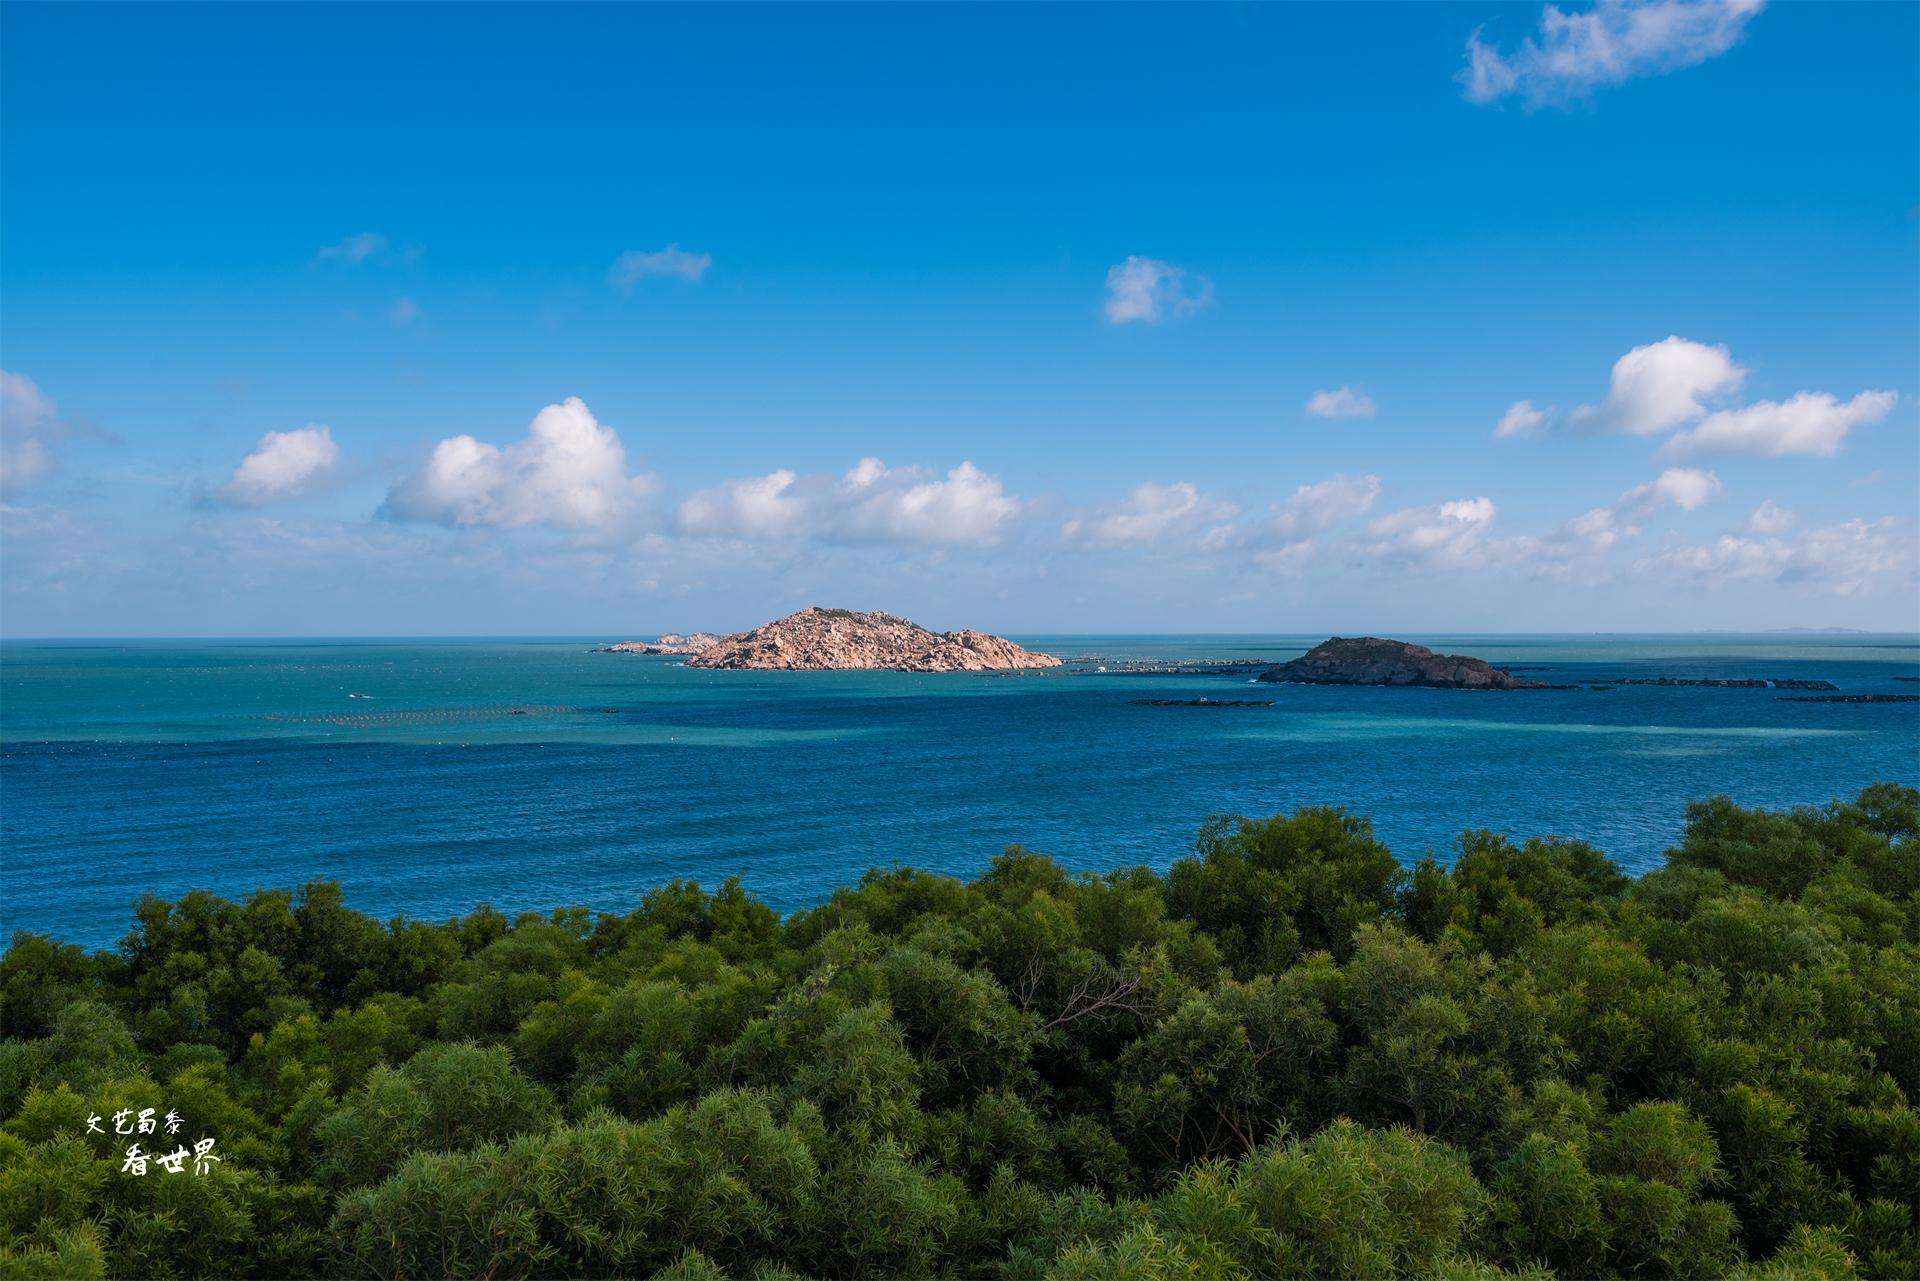 福建这个地方有126个岛屿,有中国最大海滨浴场,它才是避暑胜地